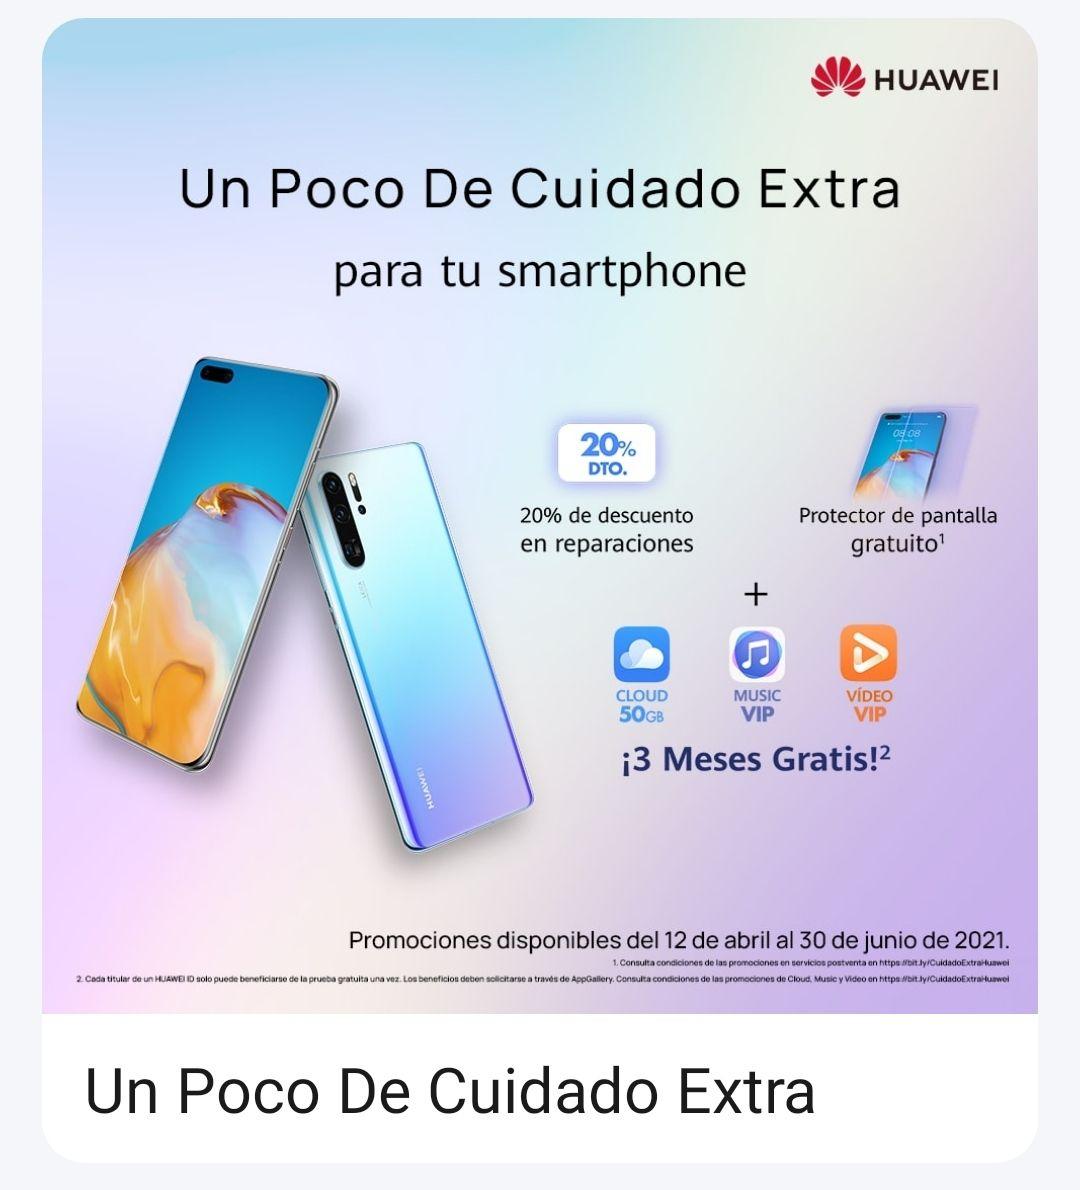 Huawei AppGallery: 6 meses extra de garantía + protector de pantalla